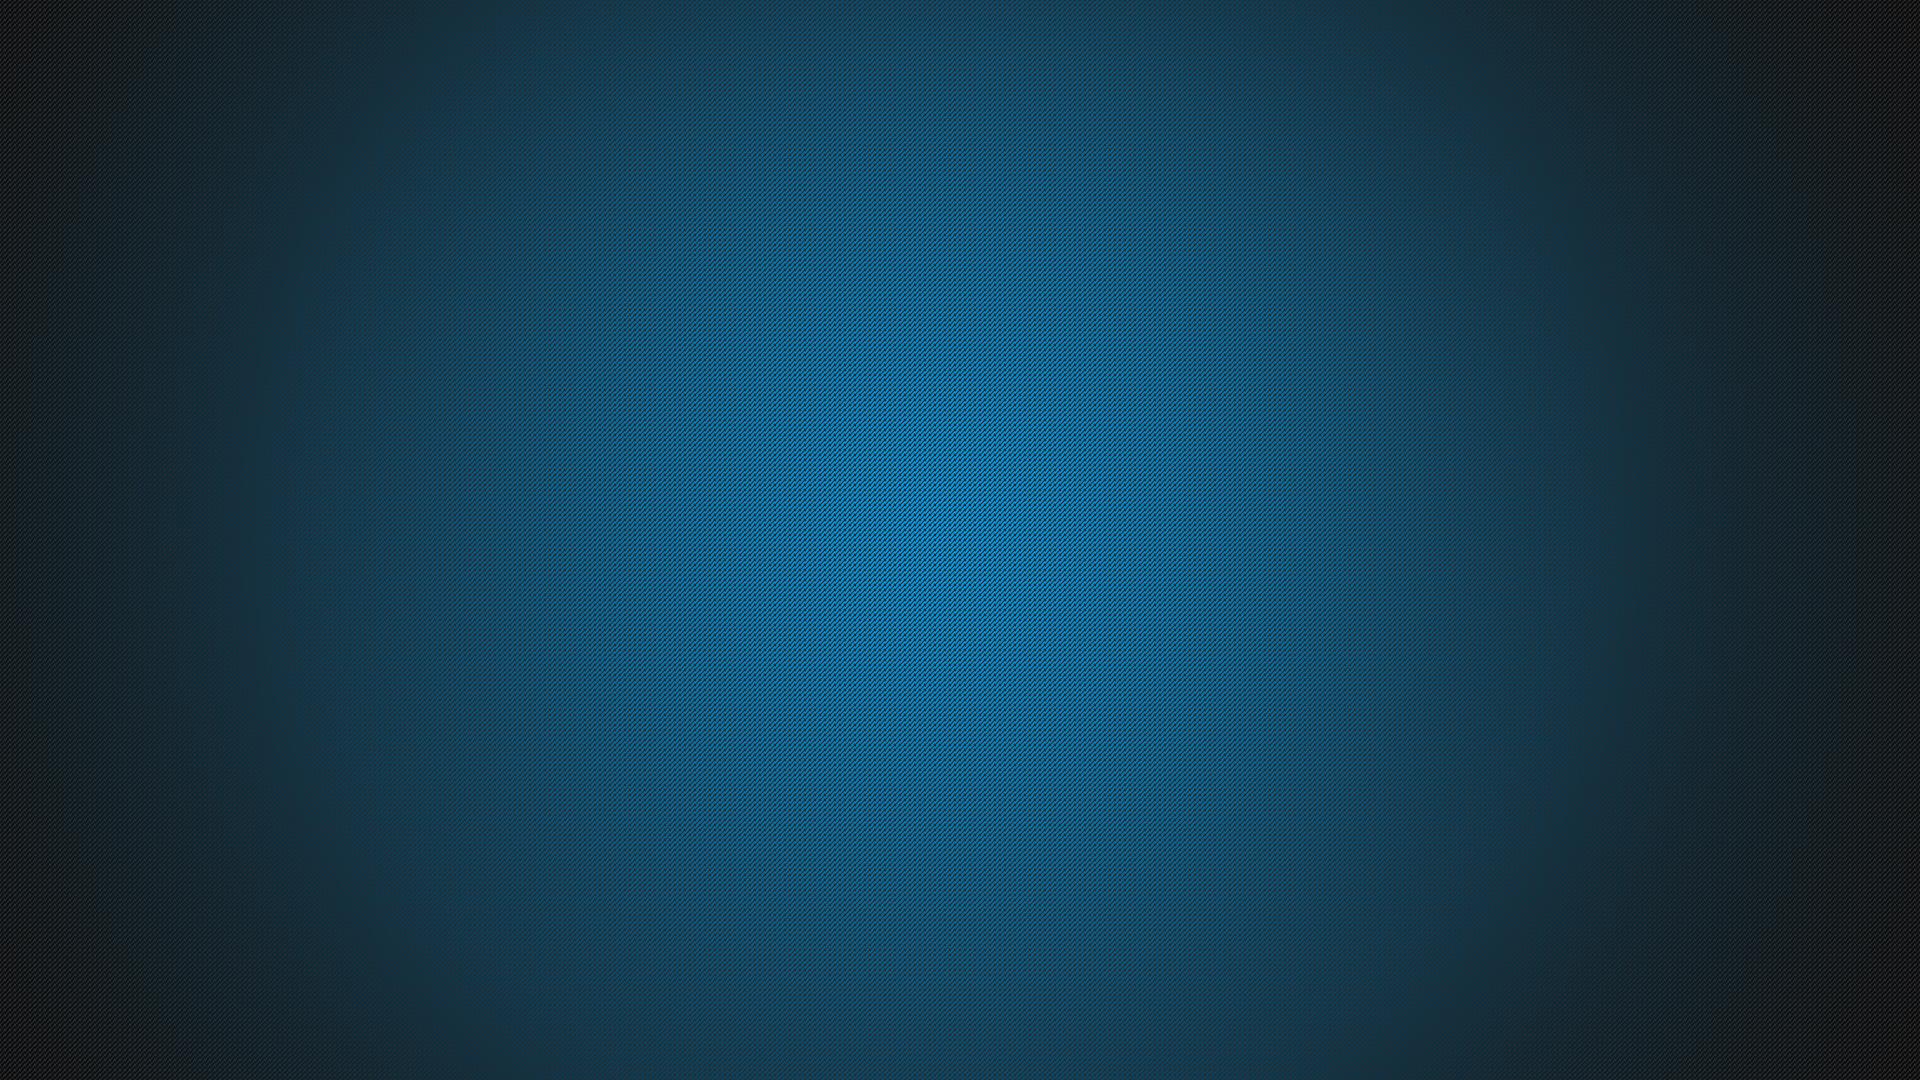 Blue and Black Wallpaper - WallpaperSafari